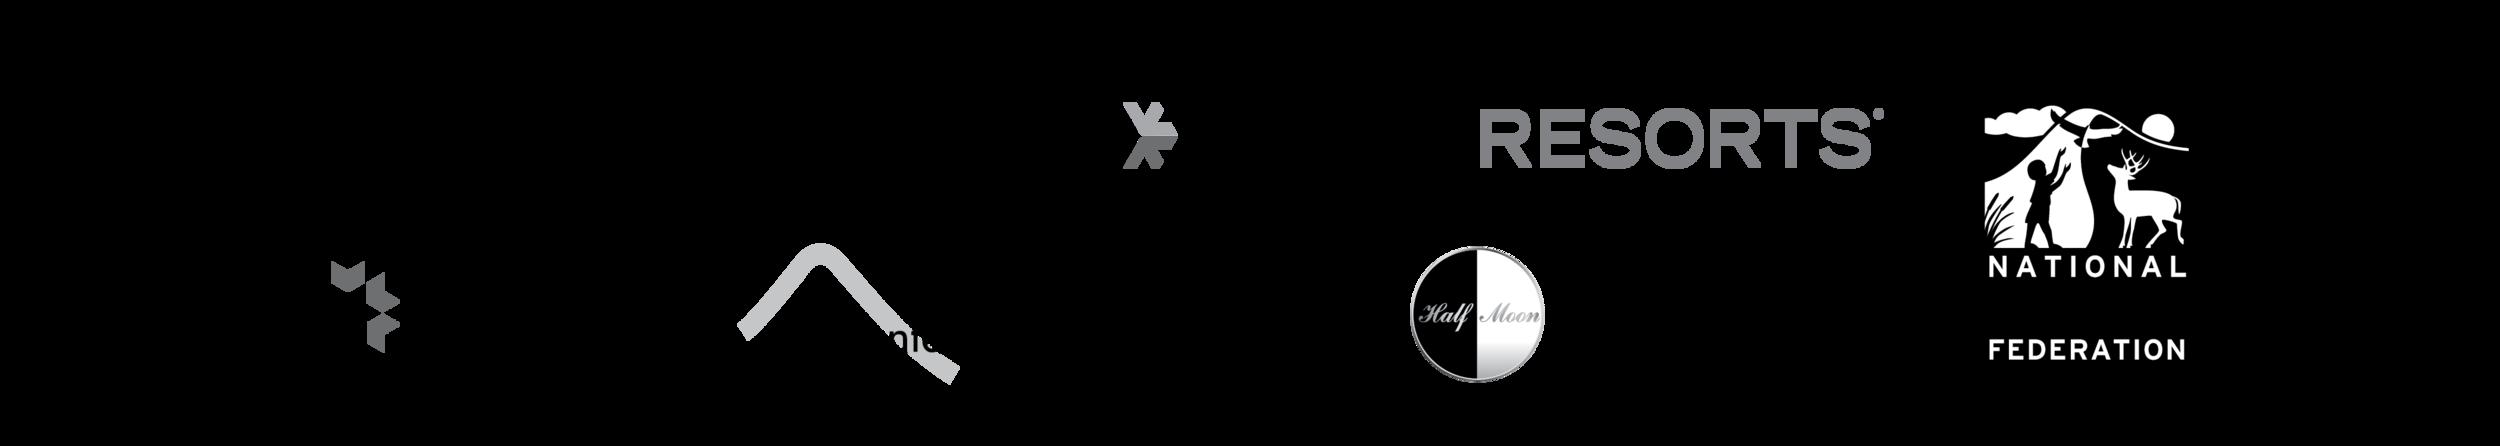 client_logos_trans5c.png